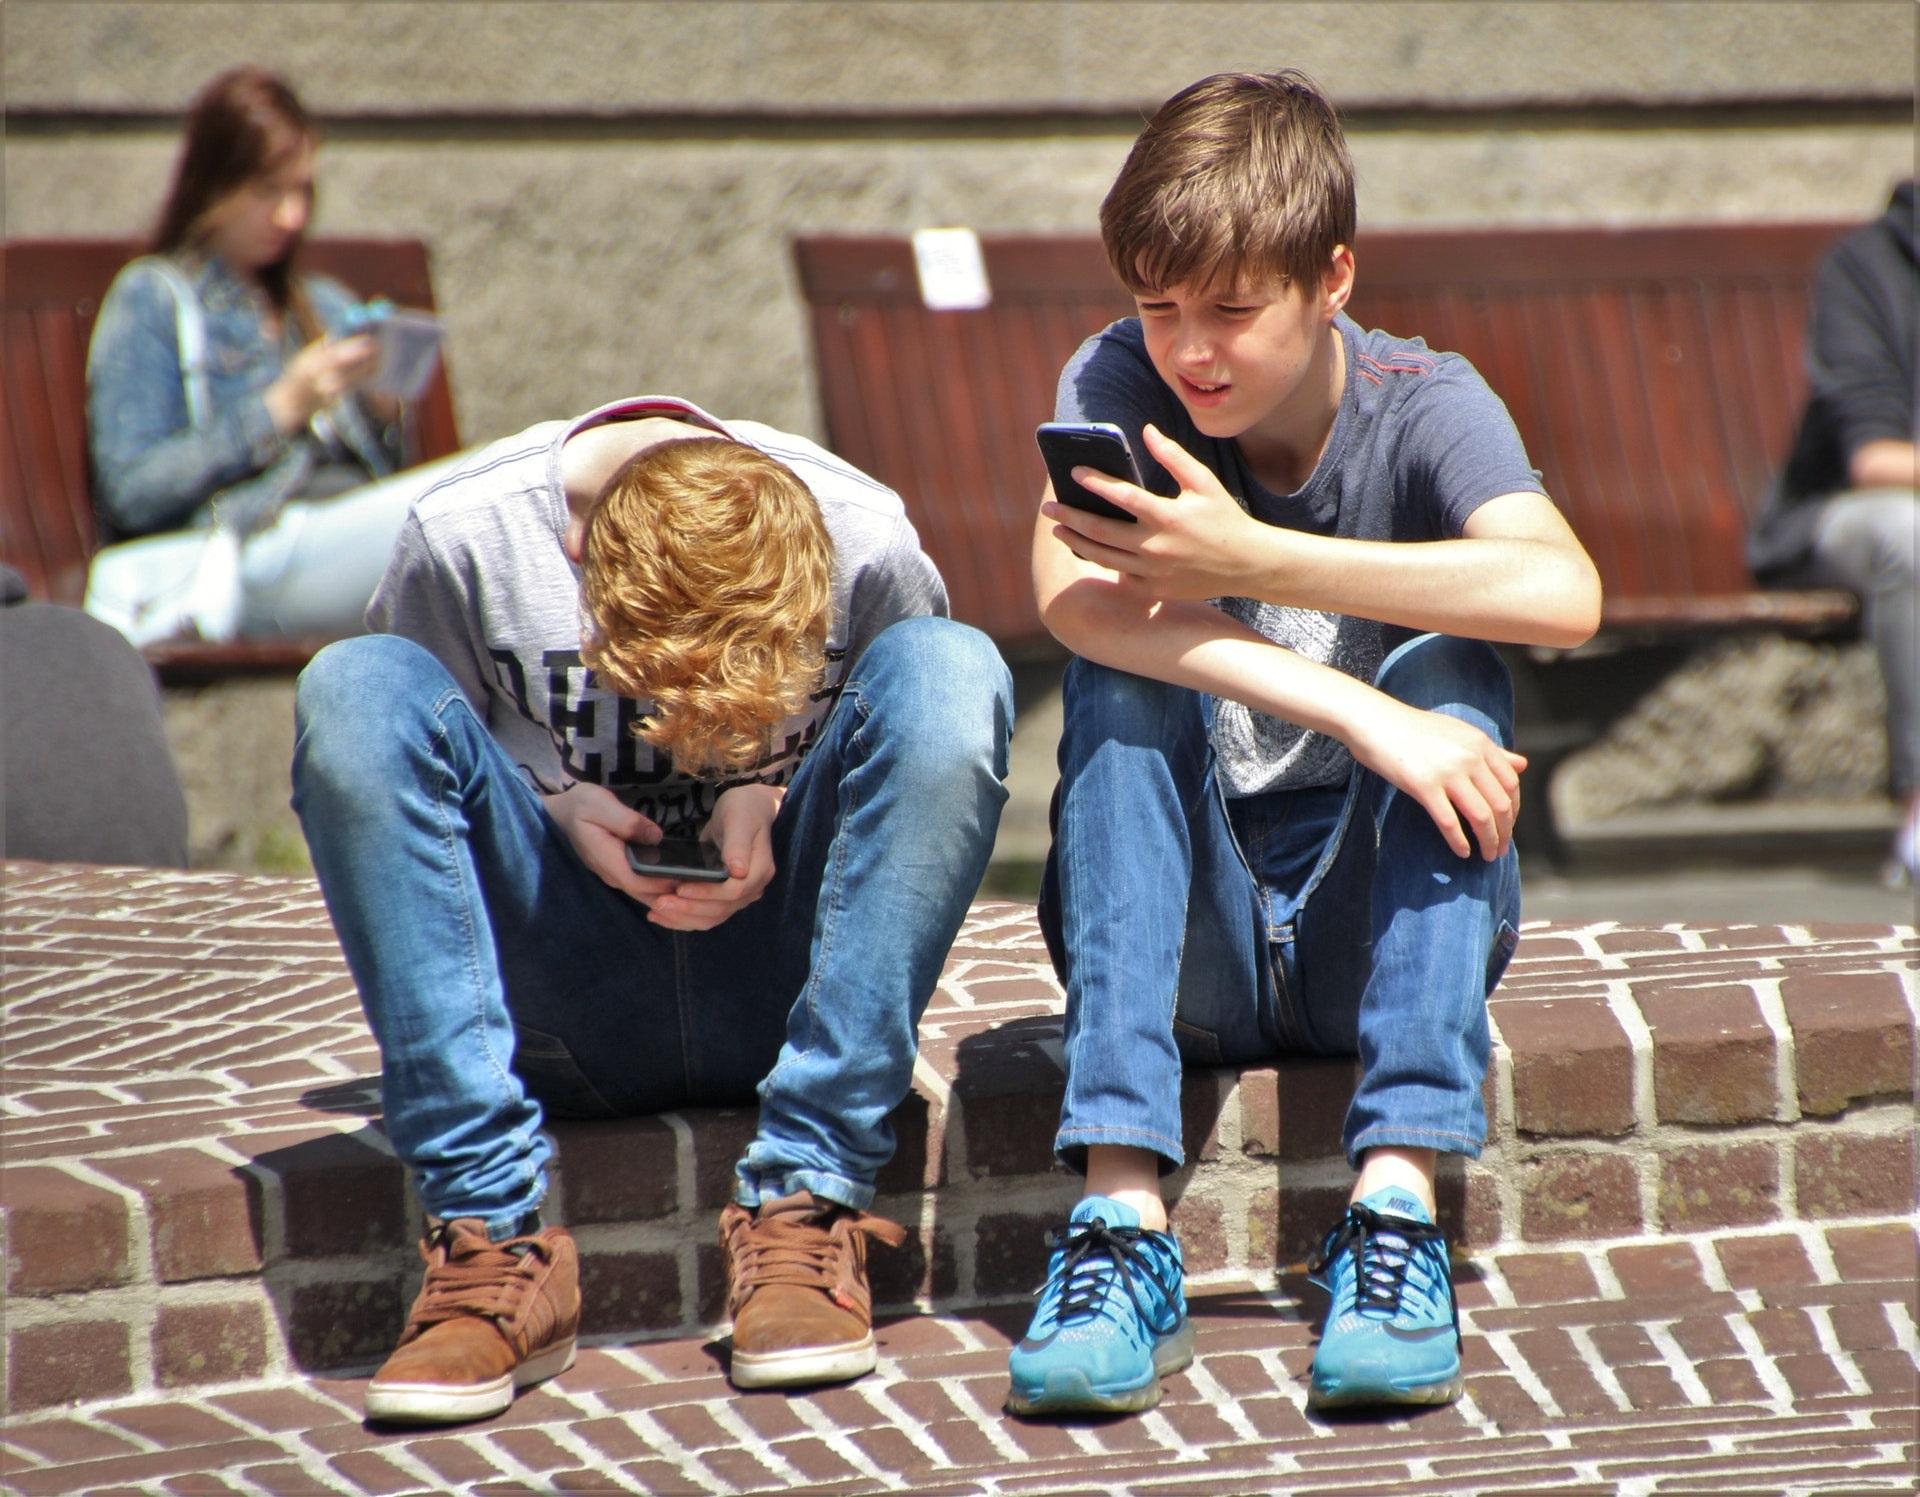 Teenagers looking at their phones